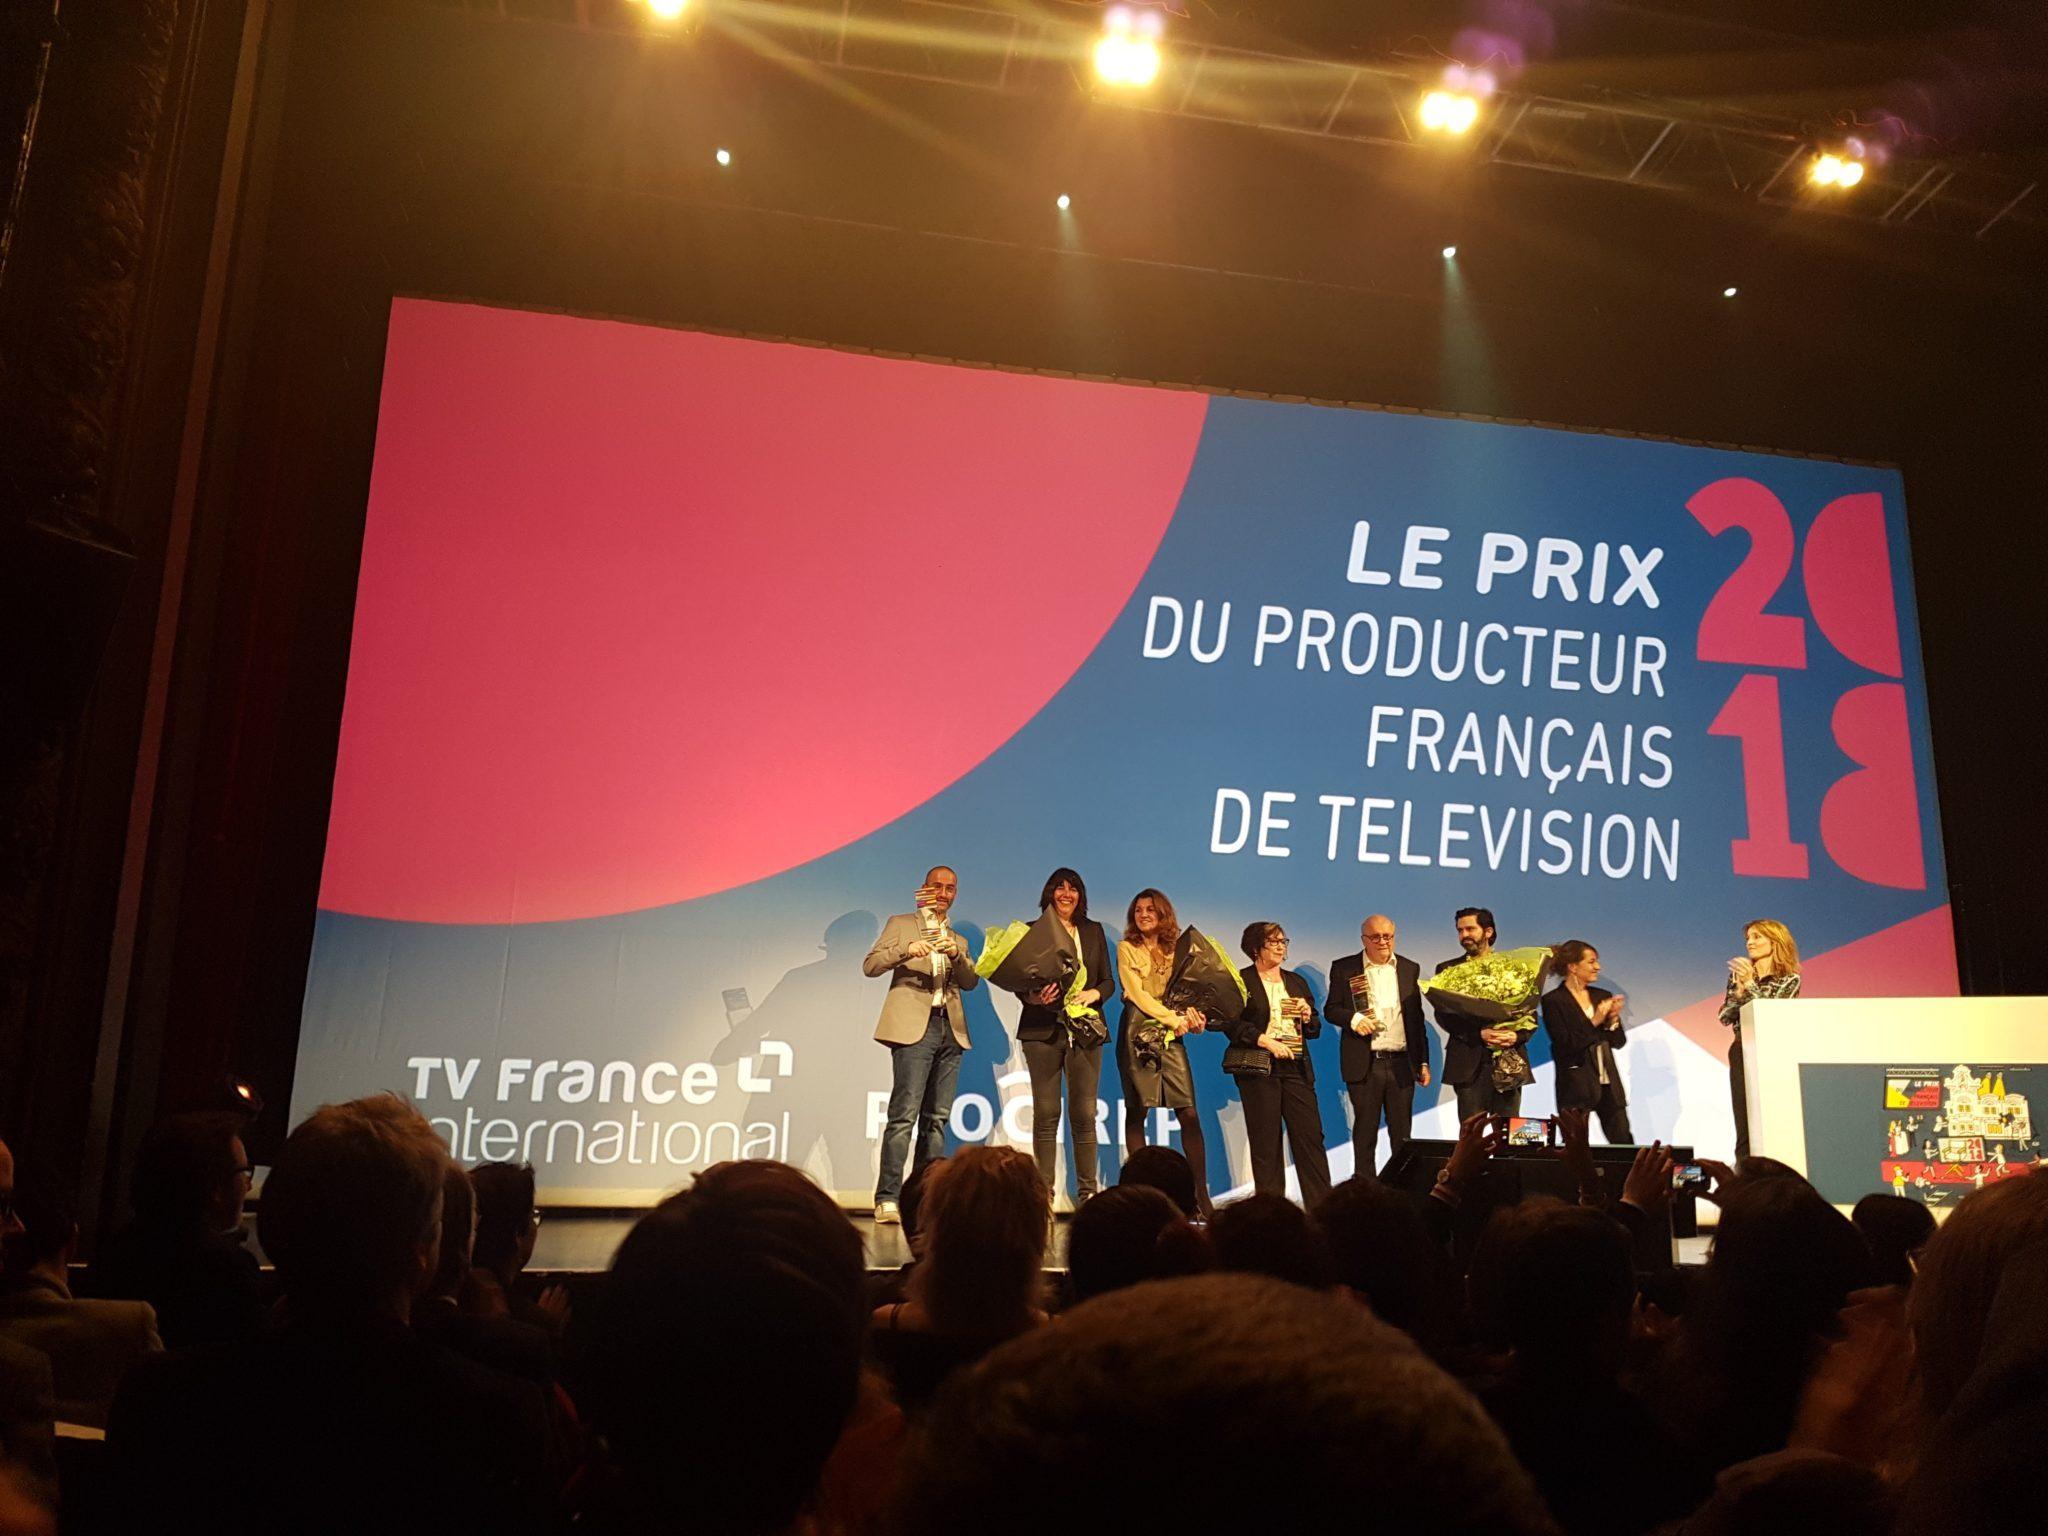 Prix du producteur français de télévision 2018 image